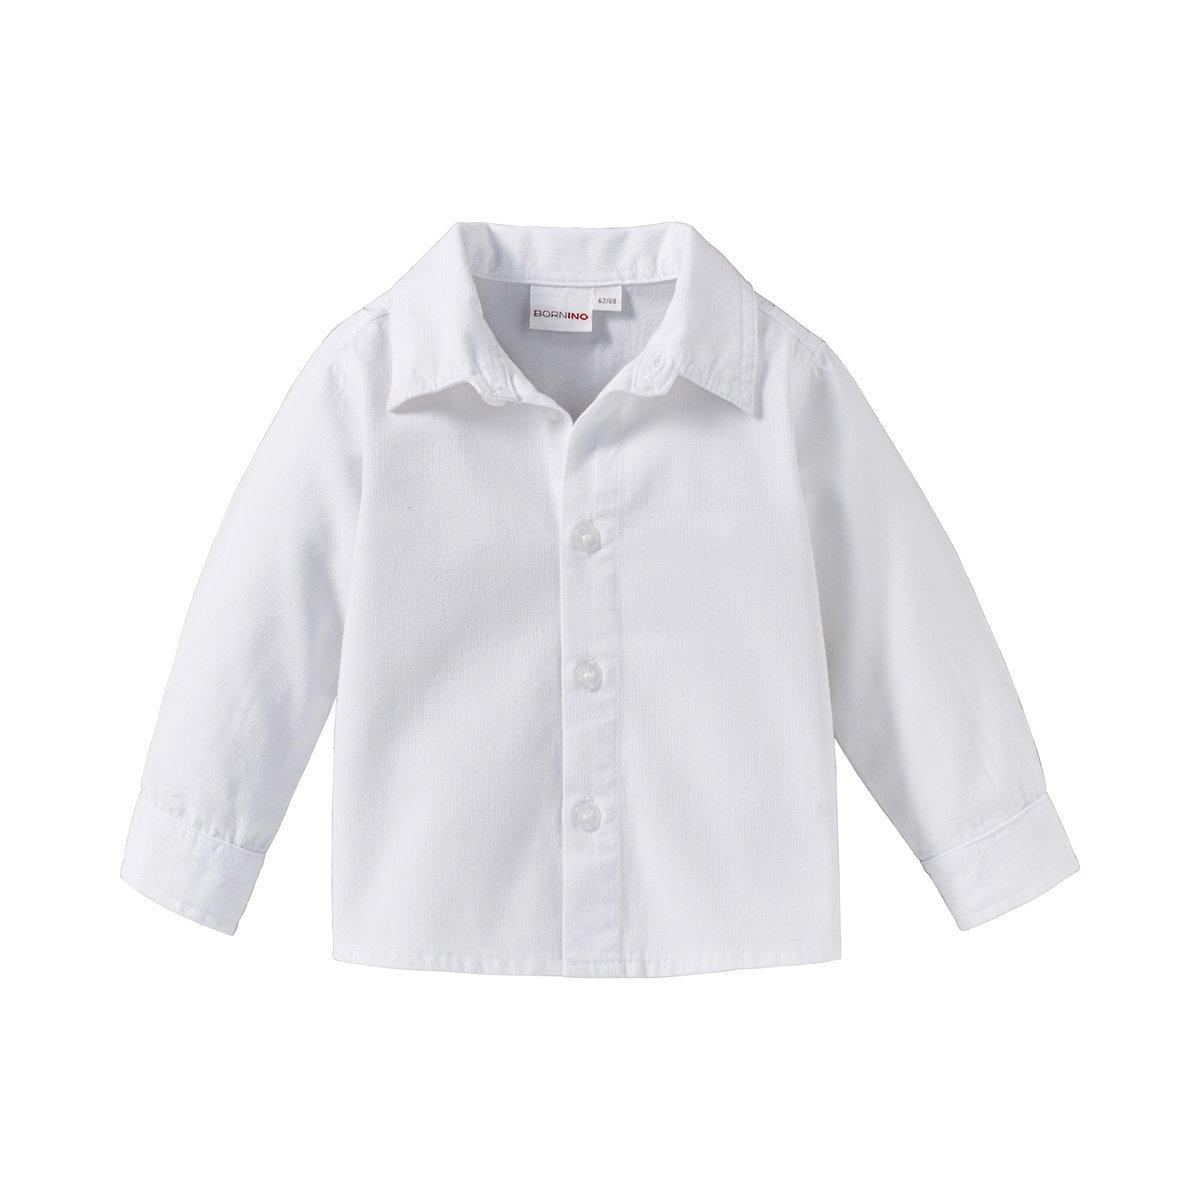 7b1e50e7dbb31 Bornino Festliche Mode-Set (4-TLG.) für Jungen - Anzug mit Weste, Hemd,  elastischer Hose & weitenverstellbarer Krawatte - grau/weiß/anthrazit:  Bornino: ...